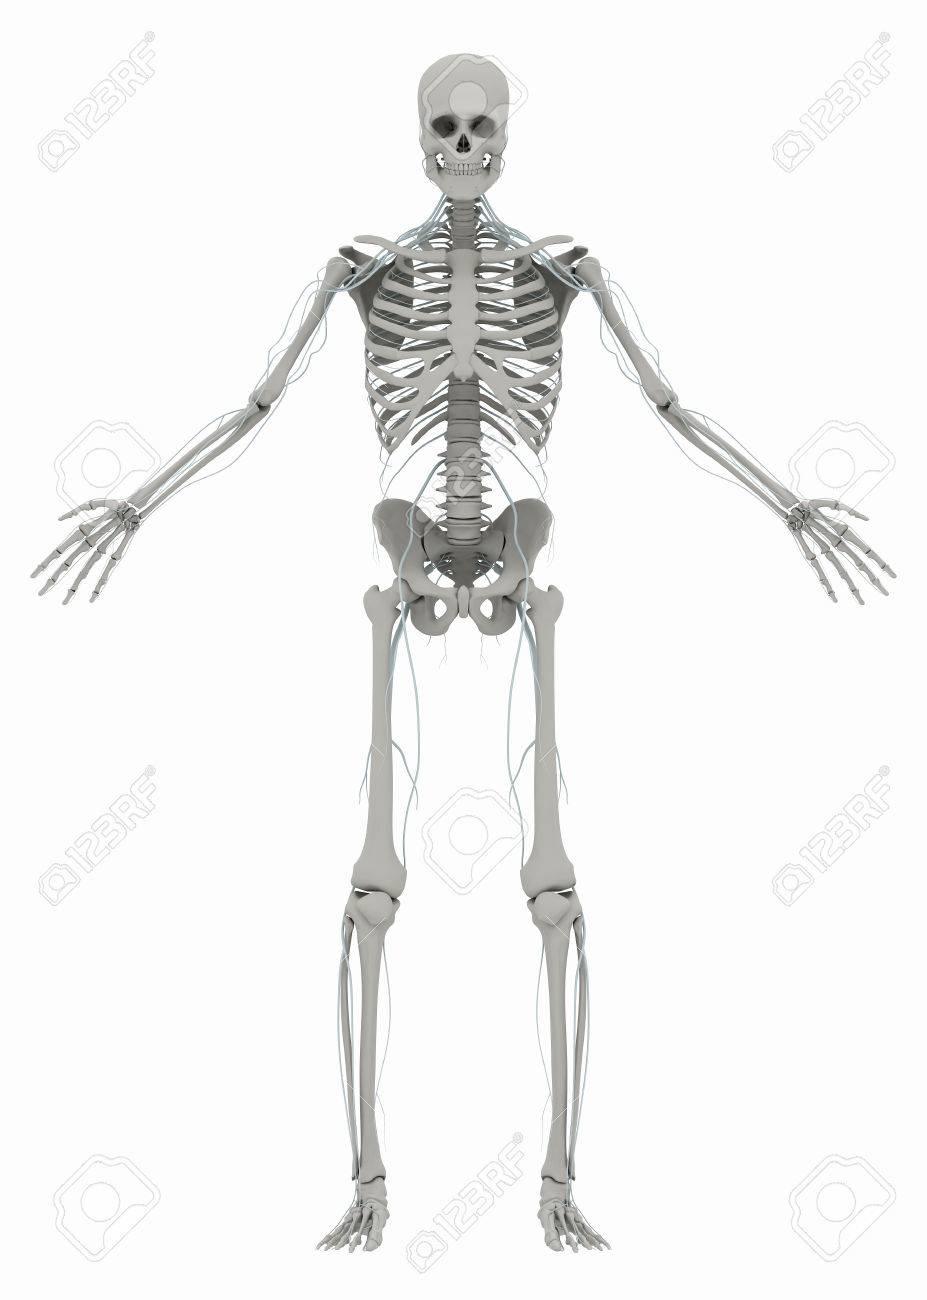 Esqueleto Humano Y Sistema Nervioso. Imagen Aislada En Un Fondo ...